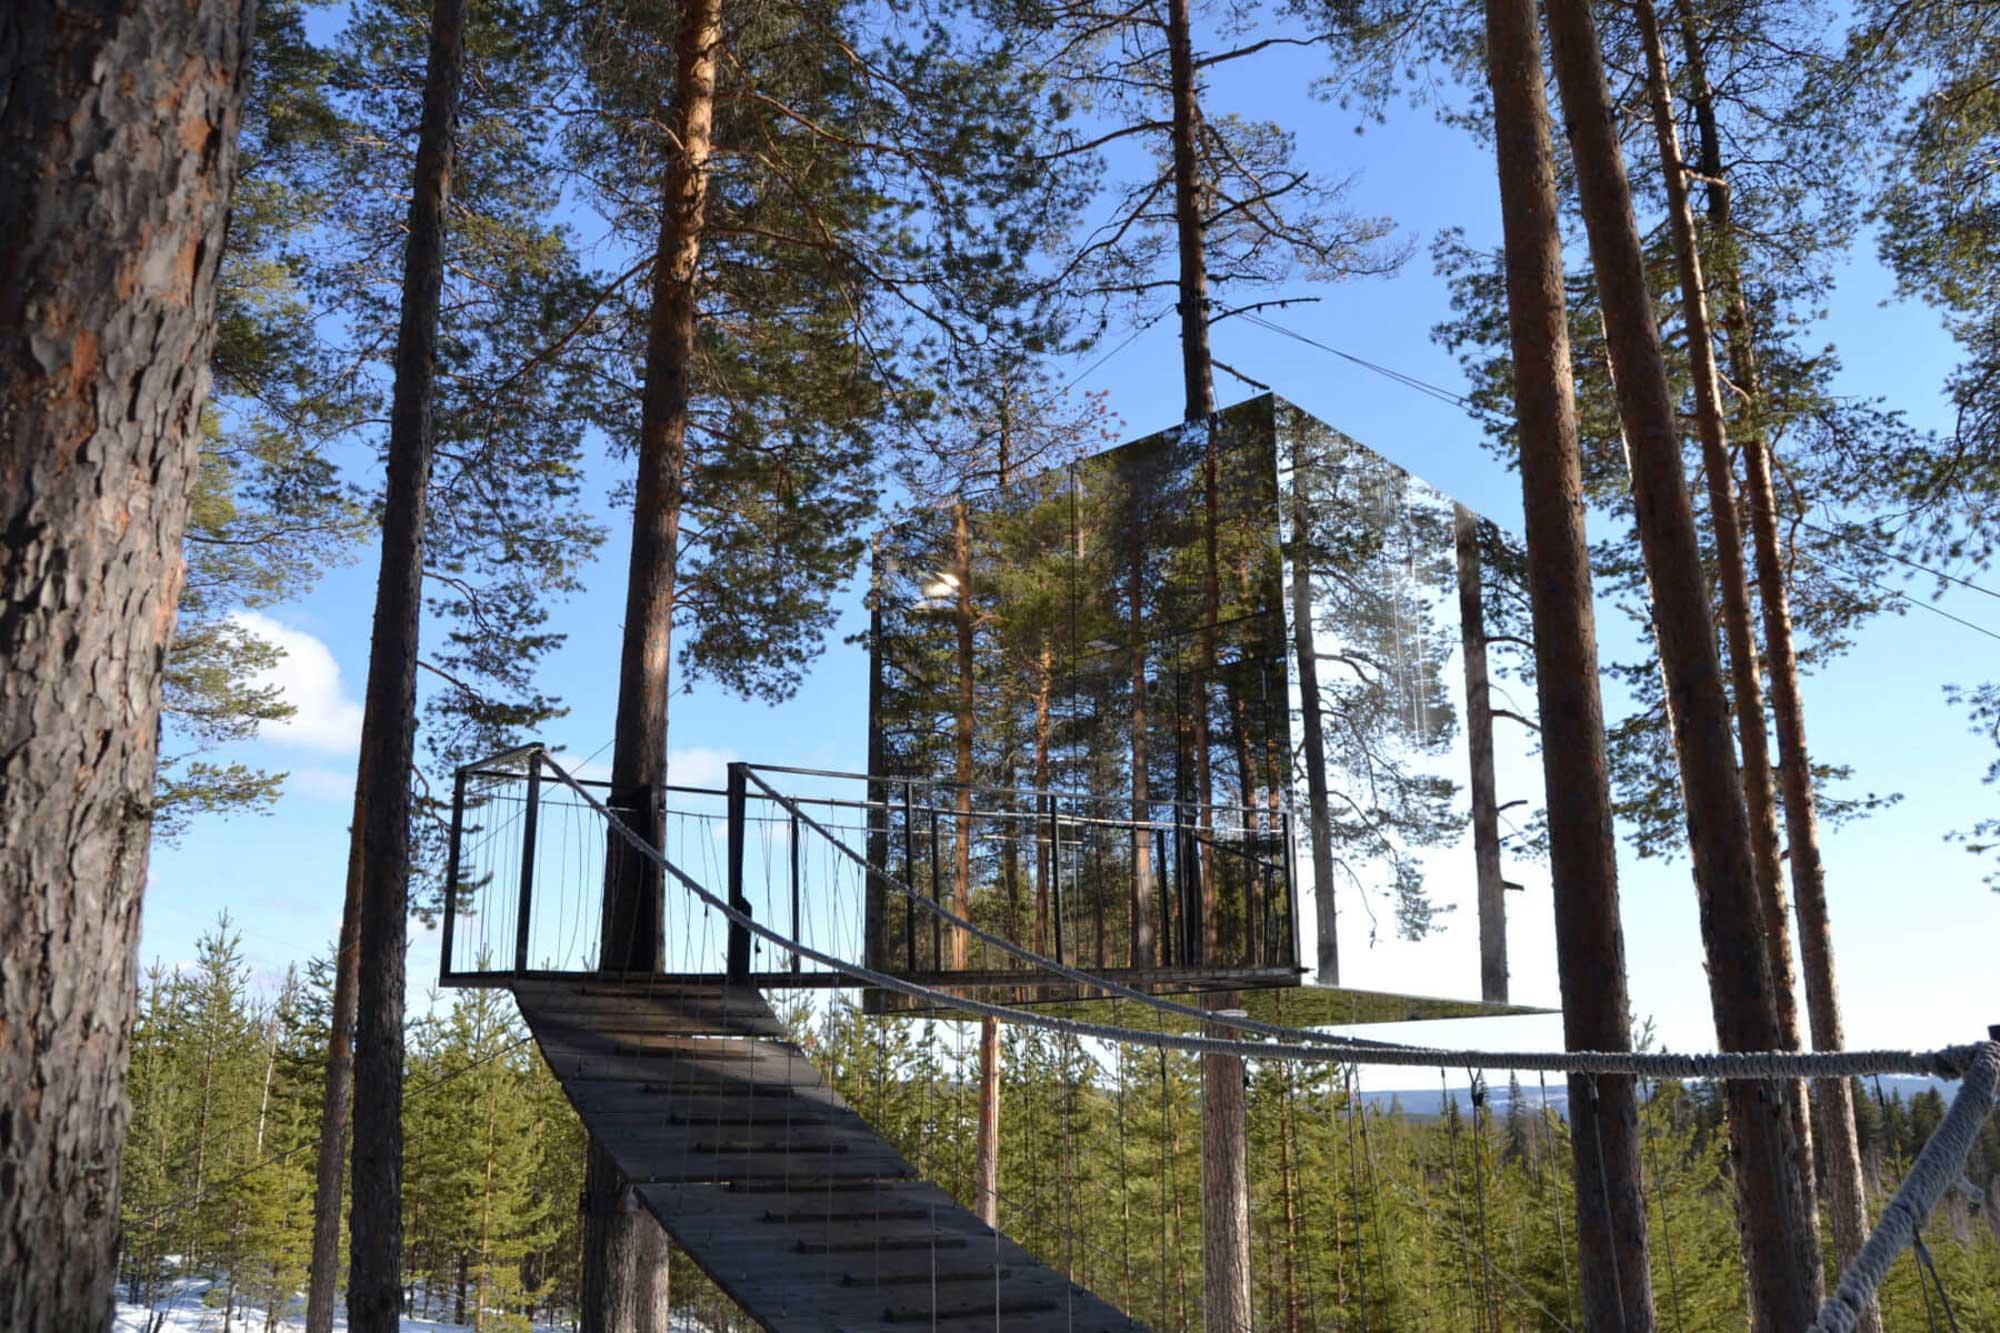 Veličina (ni)je bitna - Najmanji apartmani i kuće za odmor na svijetu Treehotel Švedska